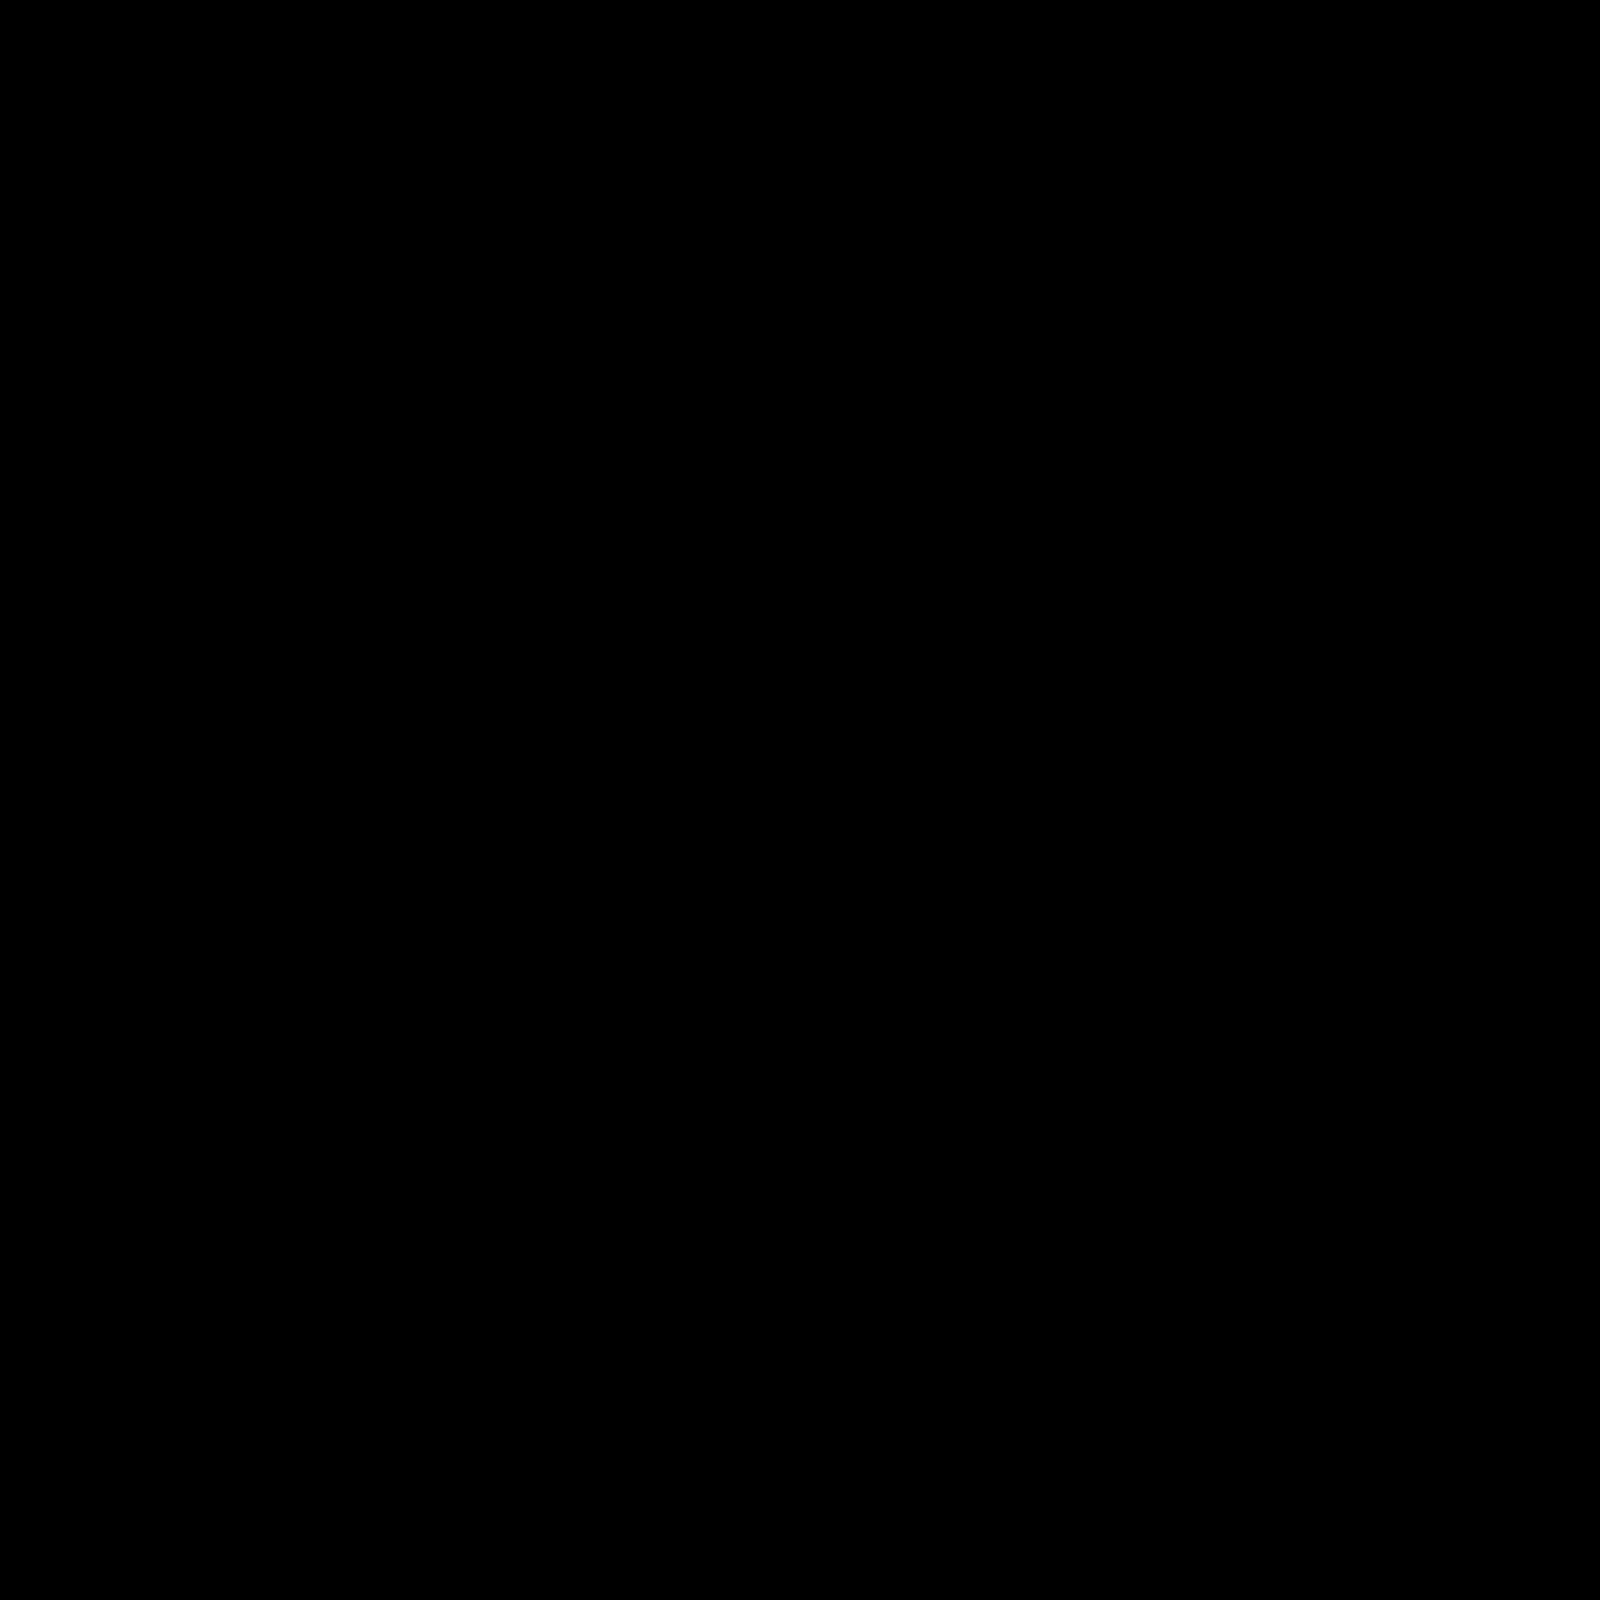 ページ概要 icon. This icon is meant to represent a sheet of paper with the top right corner folded over. There are horizontal lines running through the middle of it in various lengths. These are meant to represent the words that are written or typed on the paper.